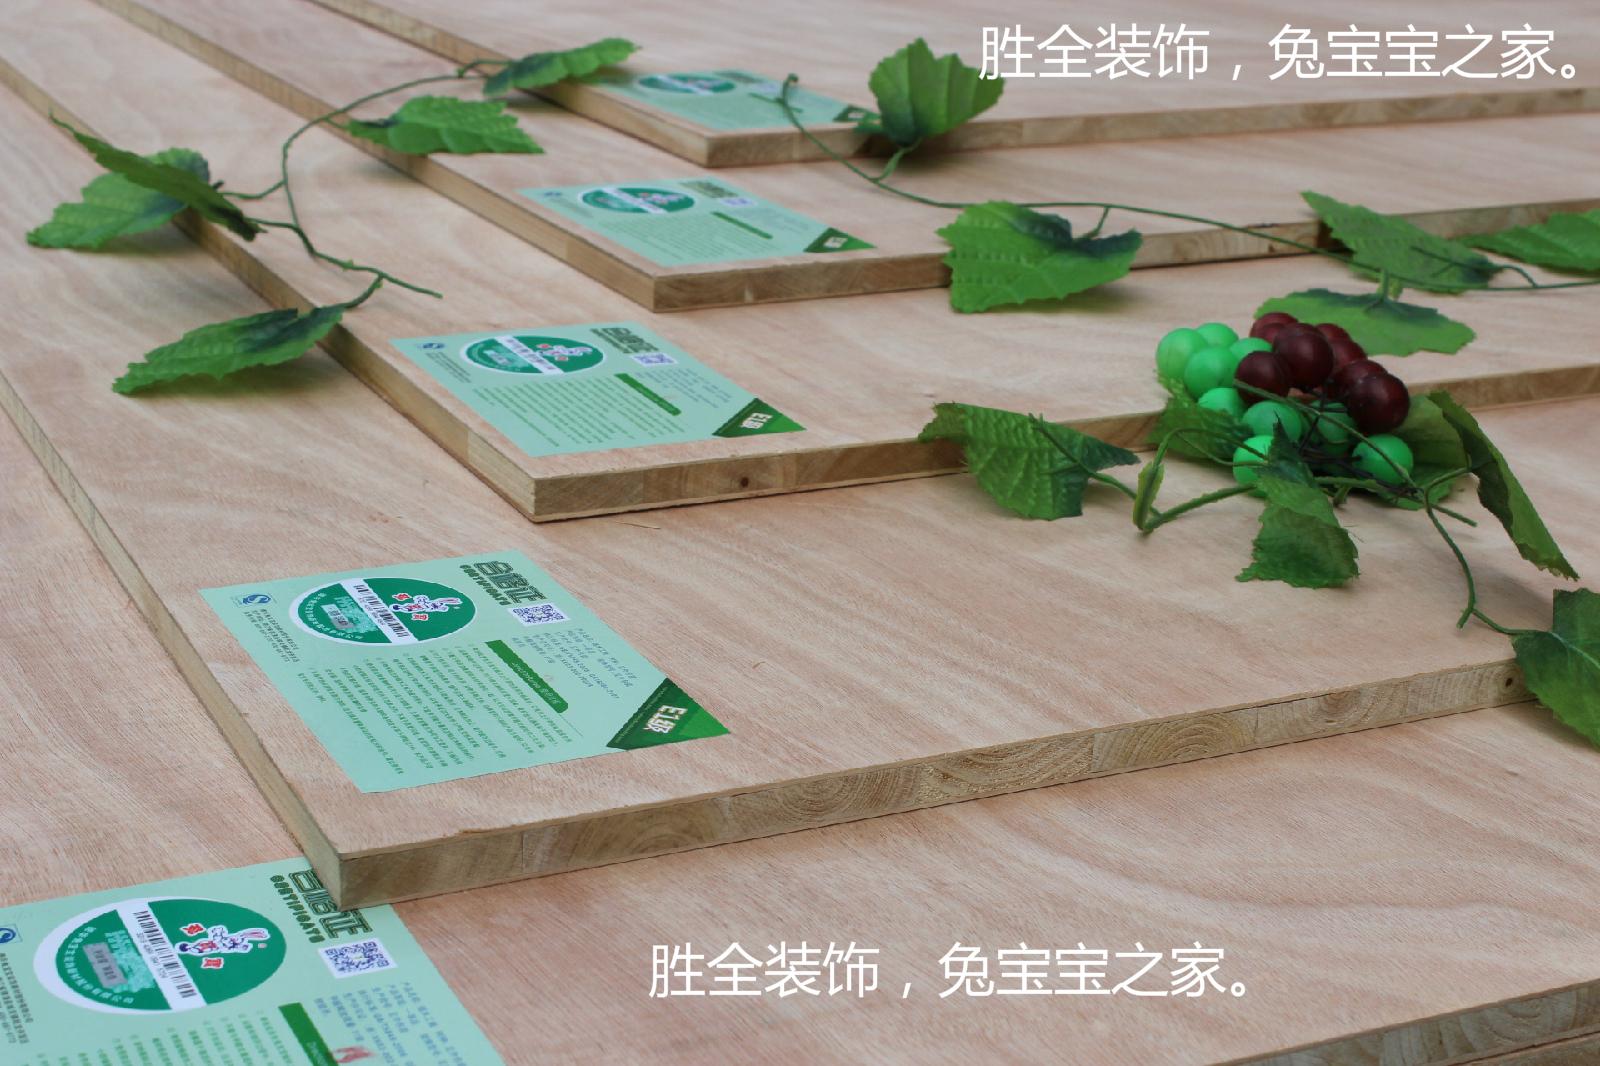 兔宝宝牌E1级纯天然杉木芯细木工板,大芯板,夹芯板。